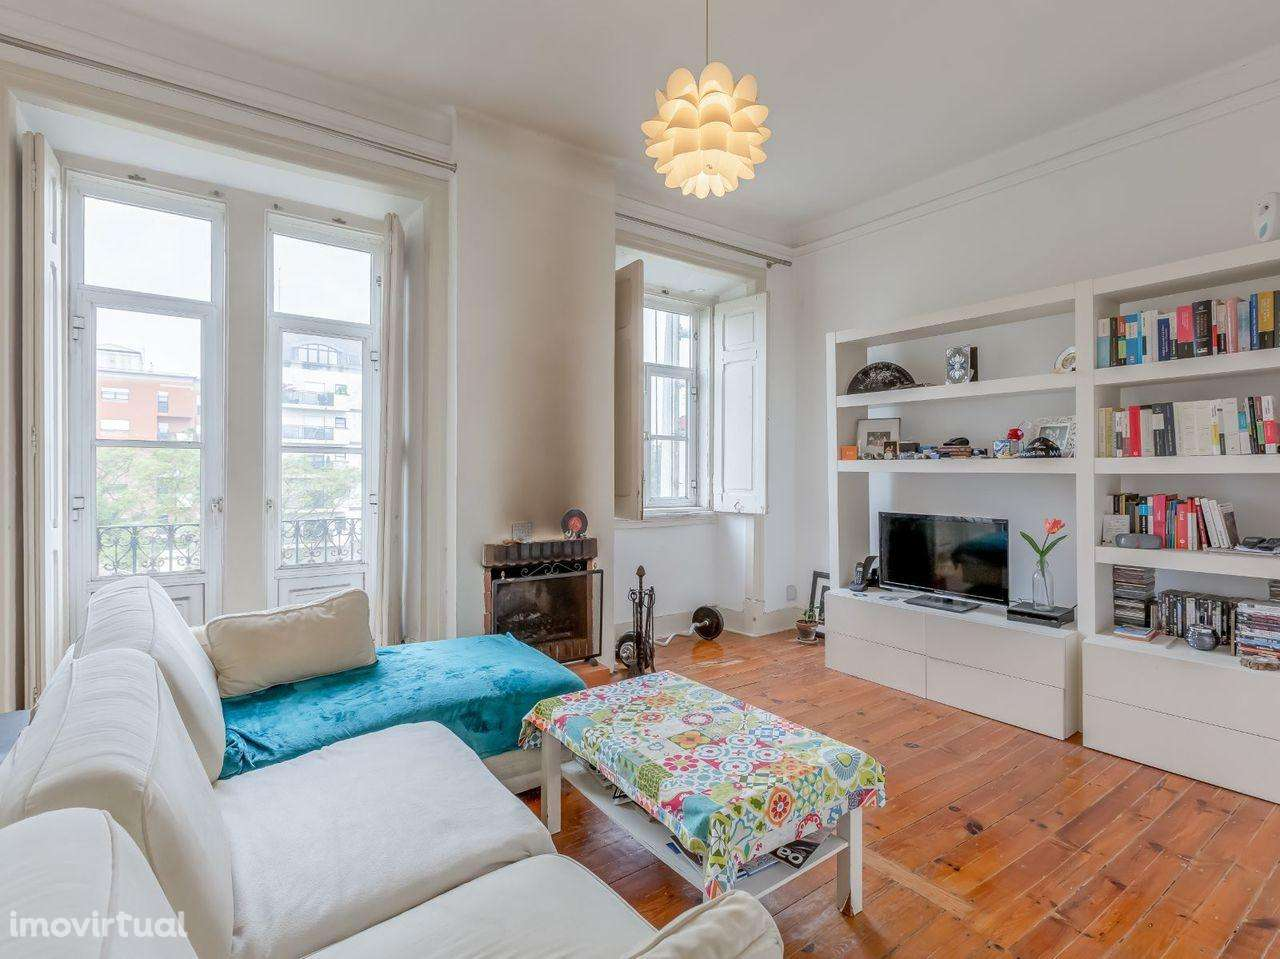 Apartamento para comprar, Alcântara, Lisboa - Foto 1